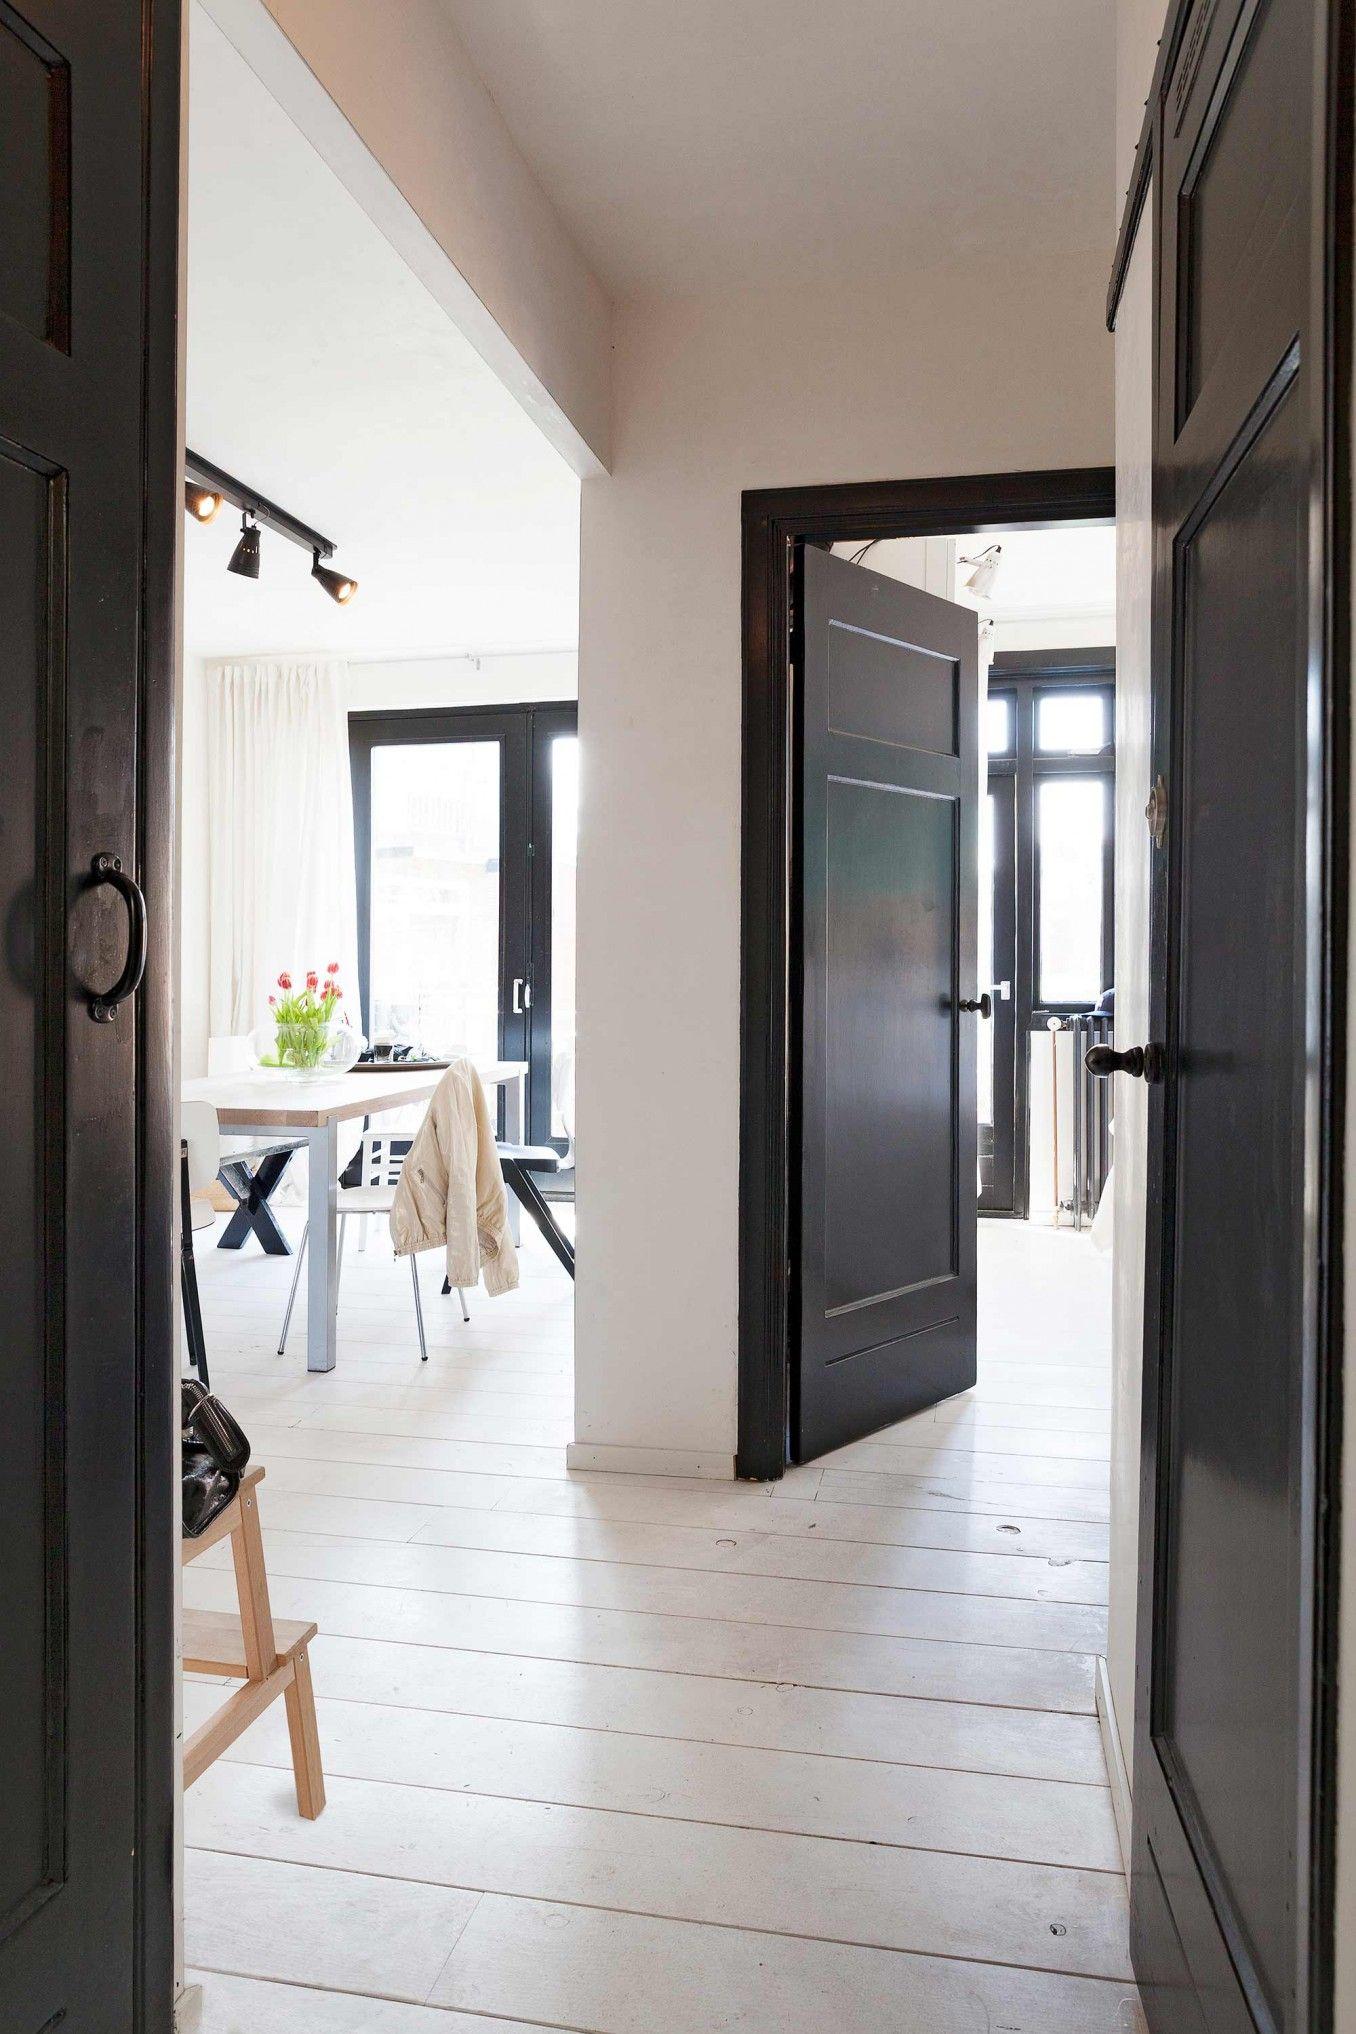 Deuren Voor Slaapkamer.12 Zwarte Deuren Master Bedroom Donkere Deuren Slaapkamer